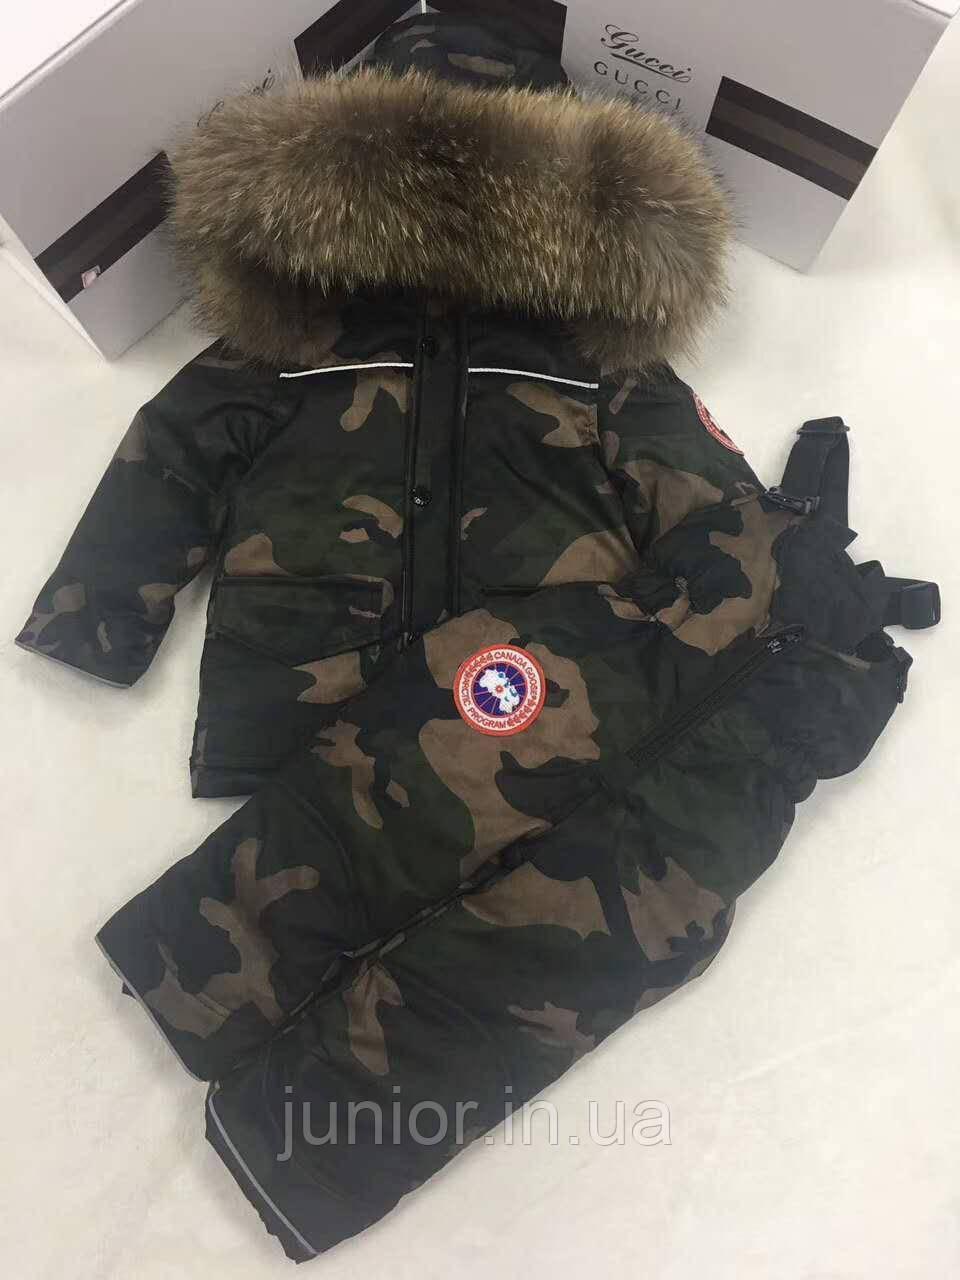 25649ed2766d Сanada goose (Канада Гус) зимний детский раздельный комбинезон для мальчика